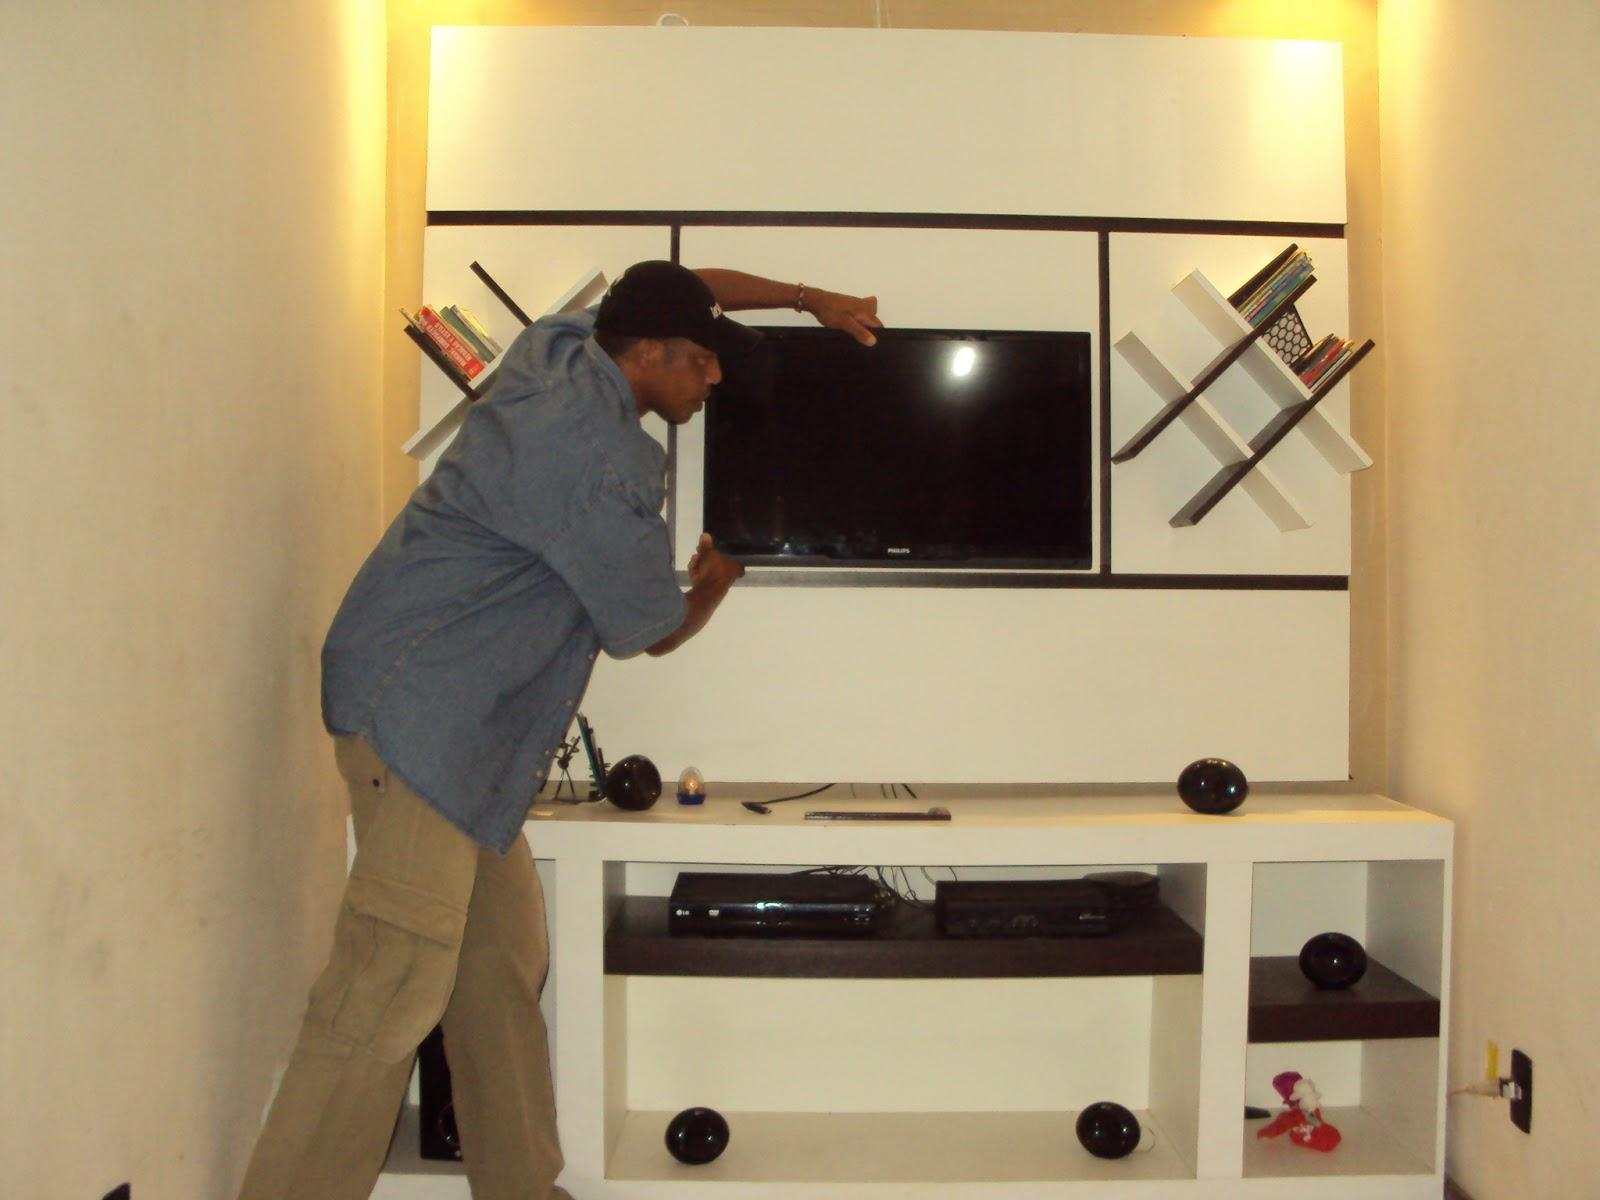 montagem e instalações de tv em painéil de madeira #BDAE0E 1600x1200